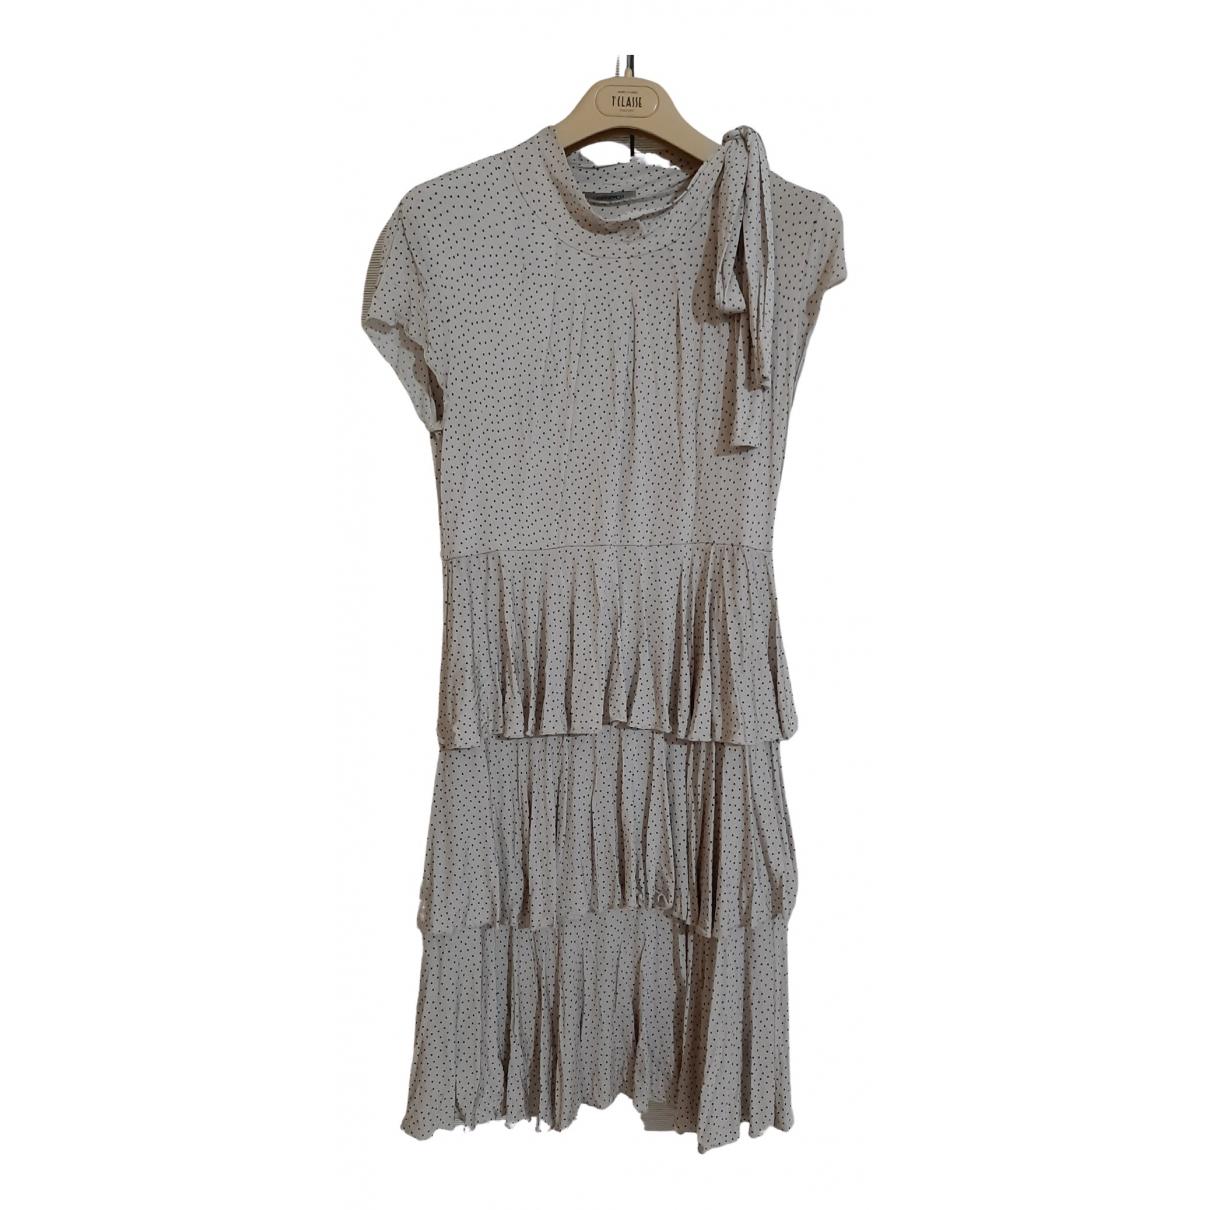 Max & Co \N Kleid in  Beige Viskose